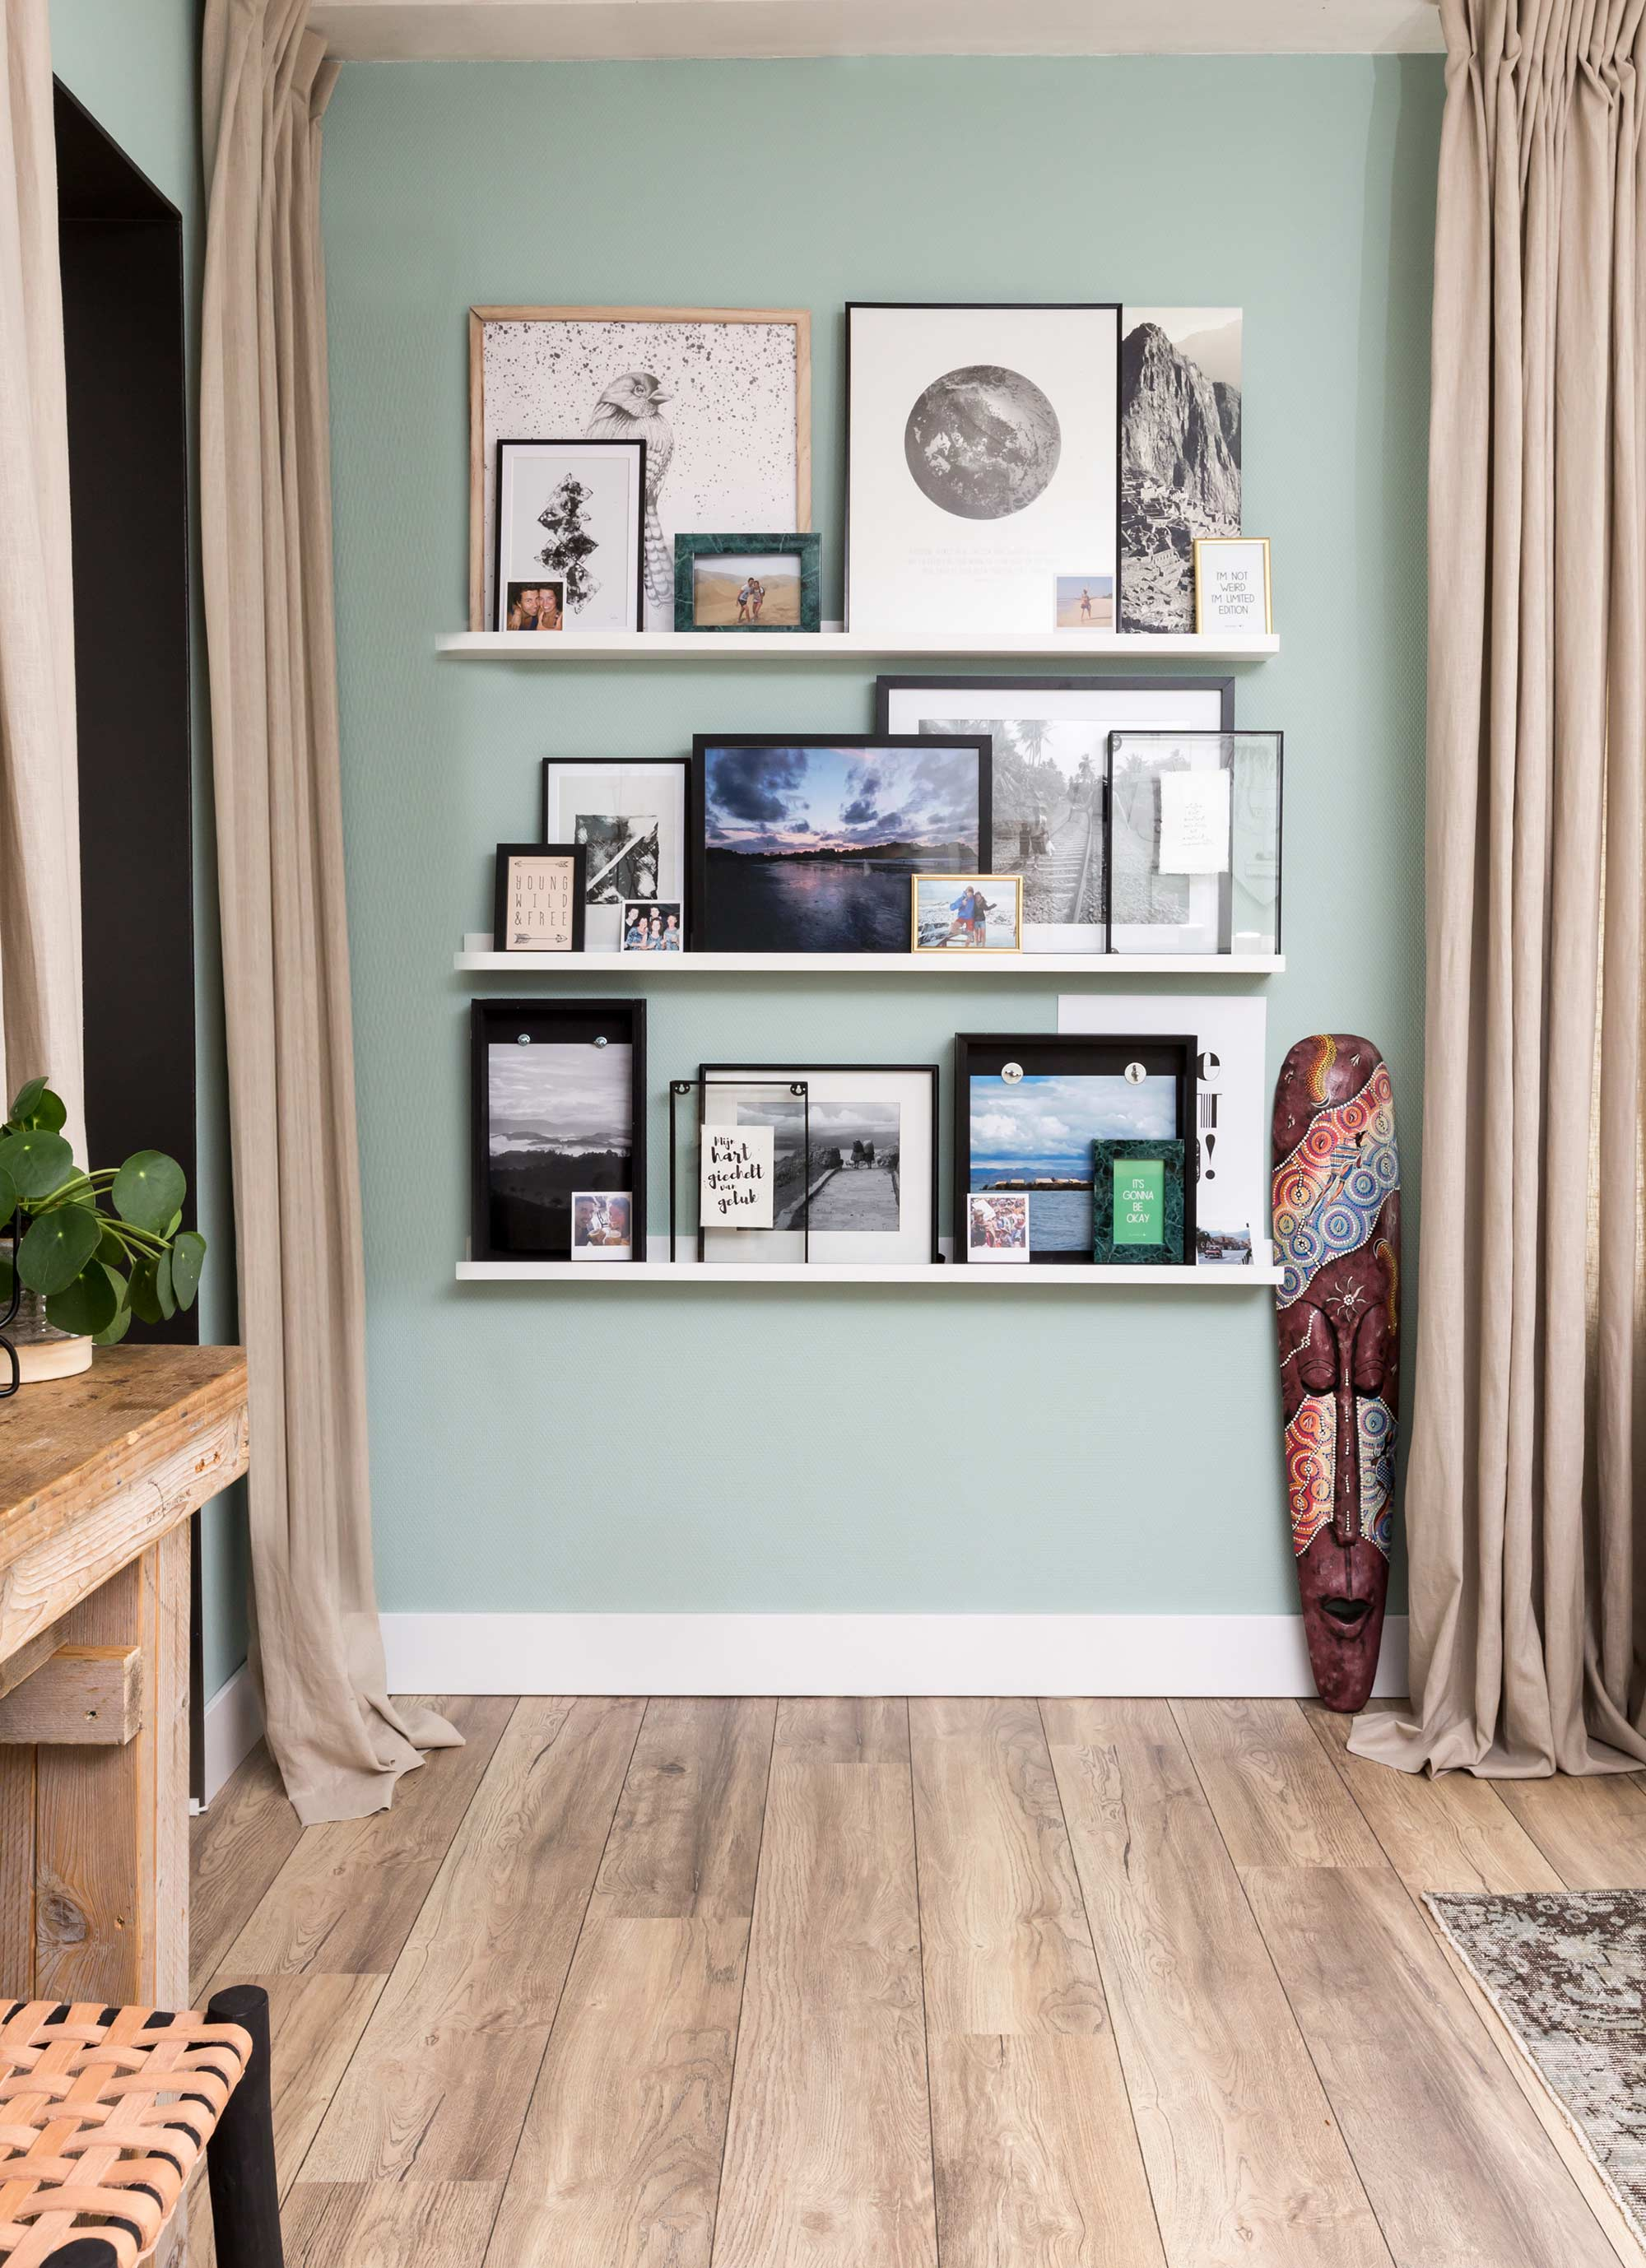 fotowand planken foto's